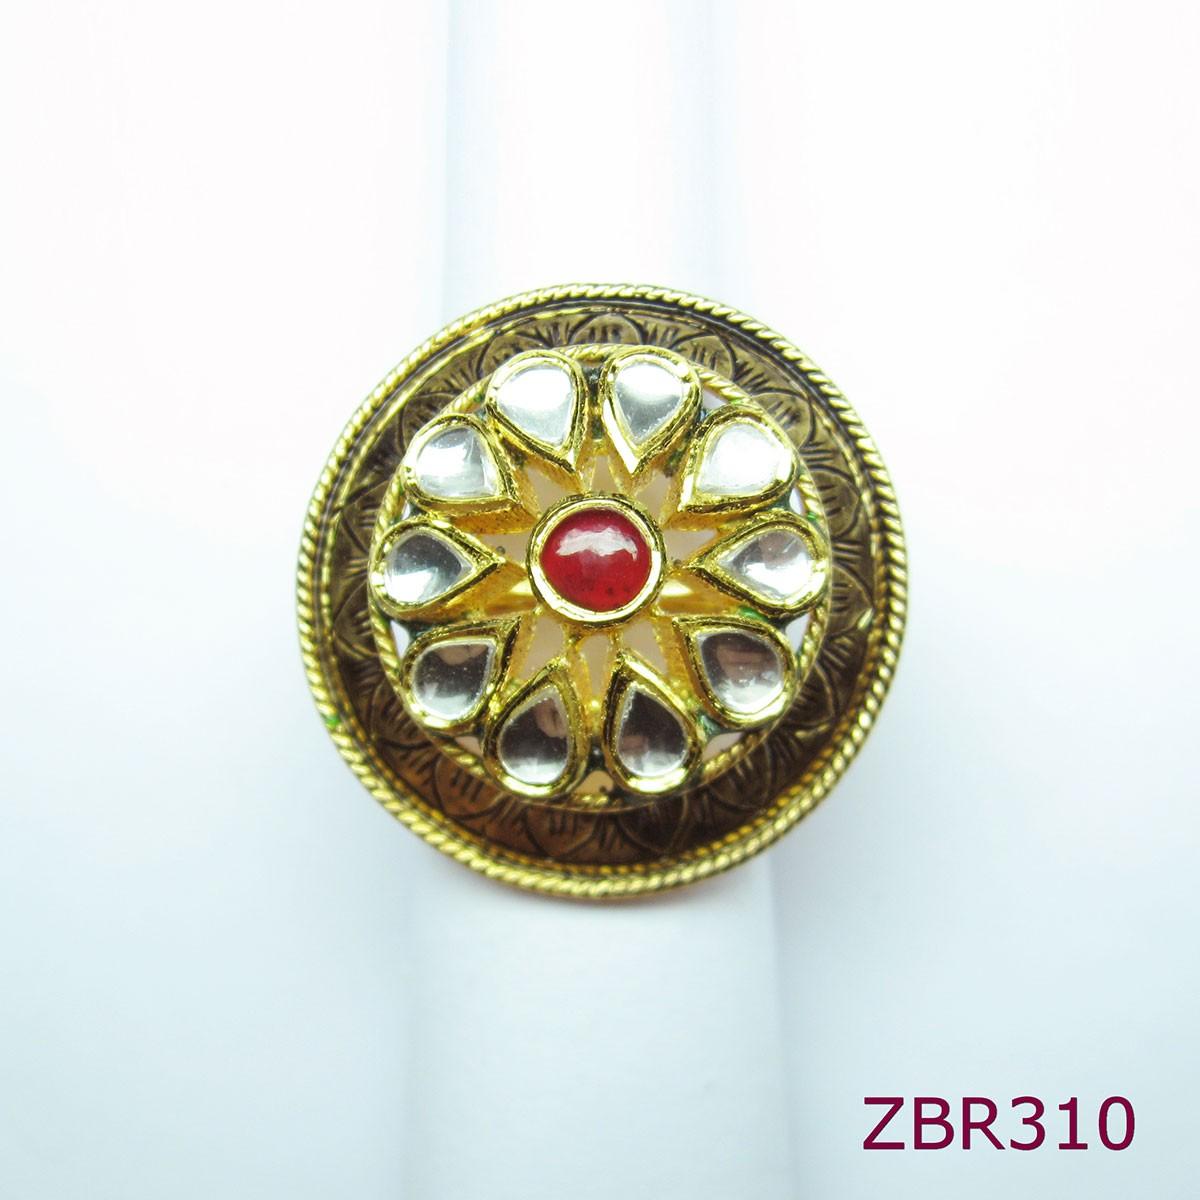 ZBR310